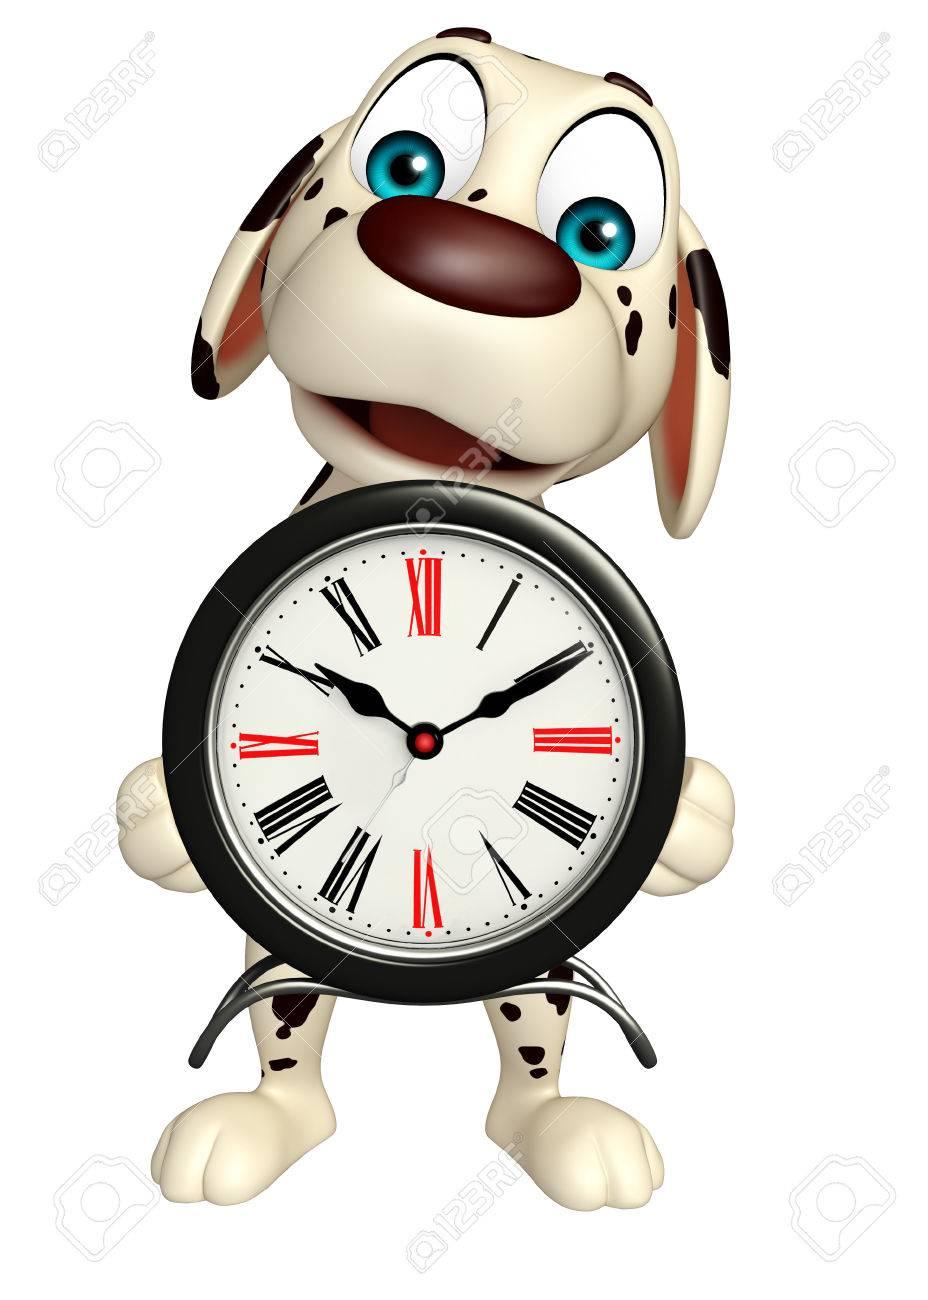 Reloj 3d Con Rindió Dibujos De Personaje La Animados Ilustración El Perro CrdhQsBtx